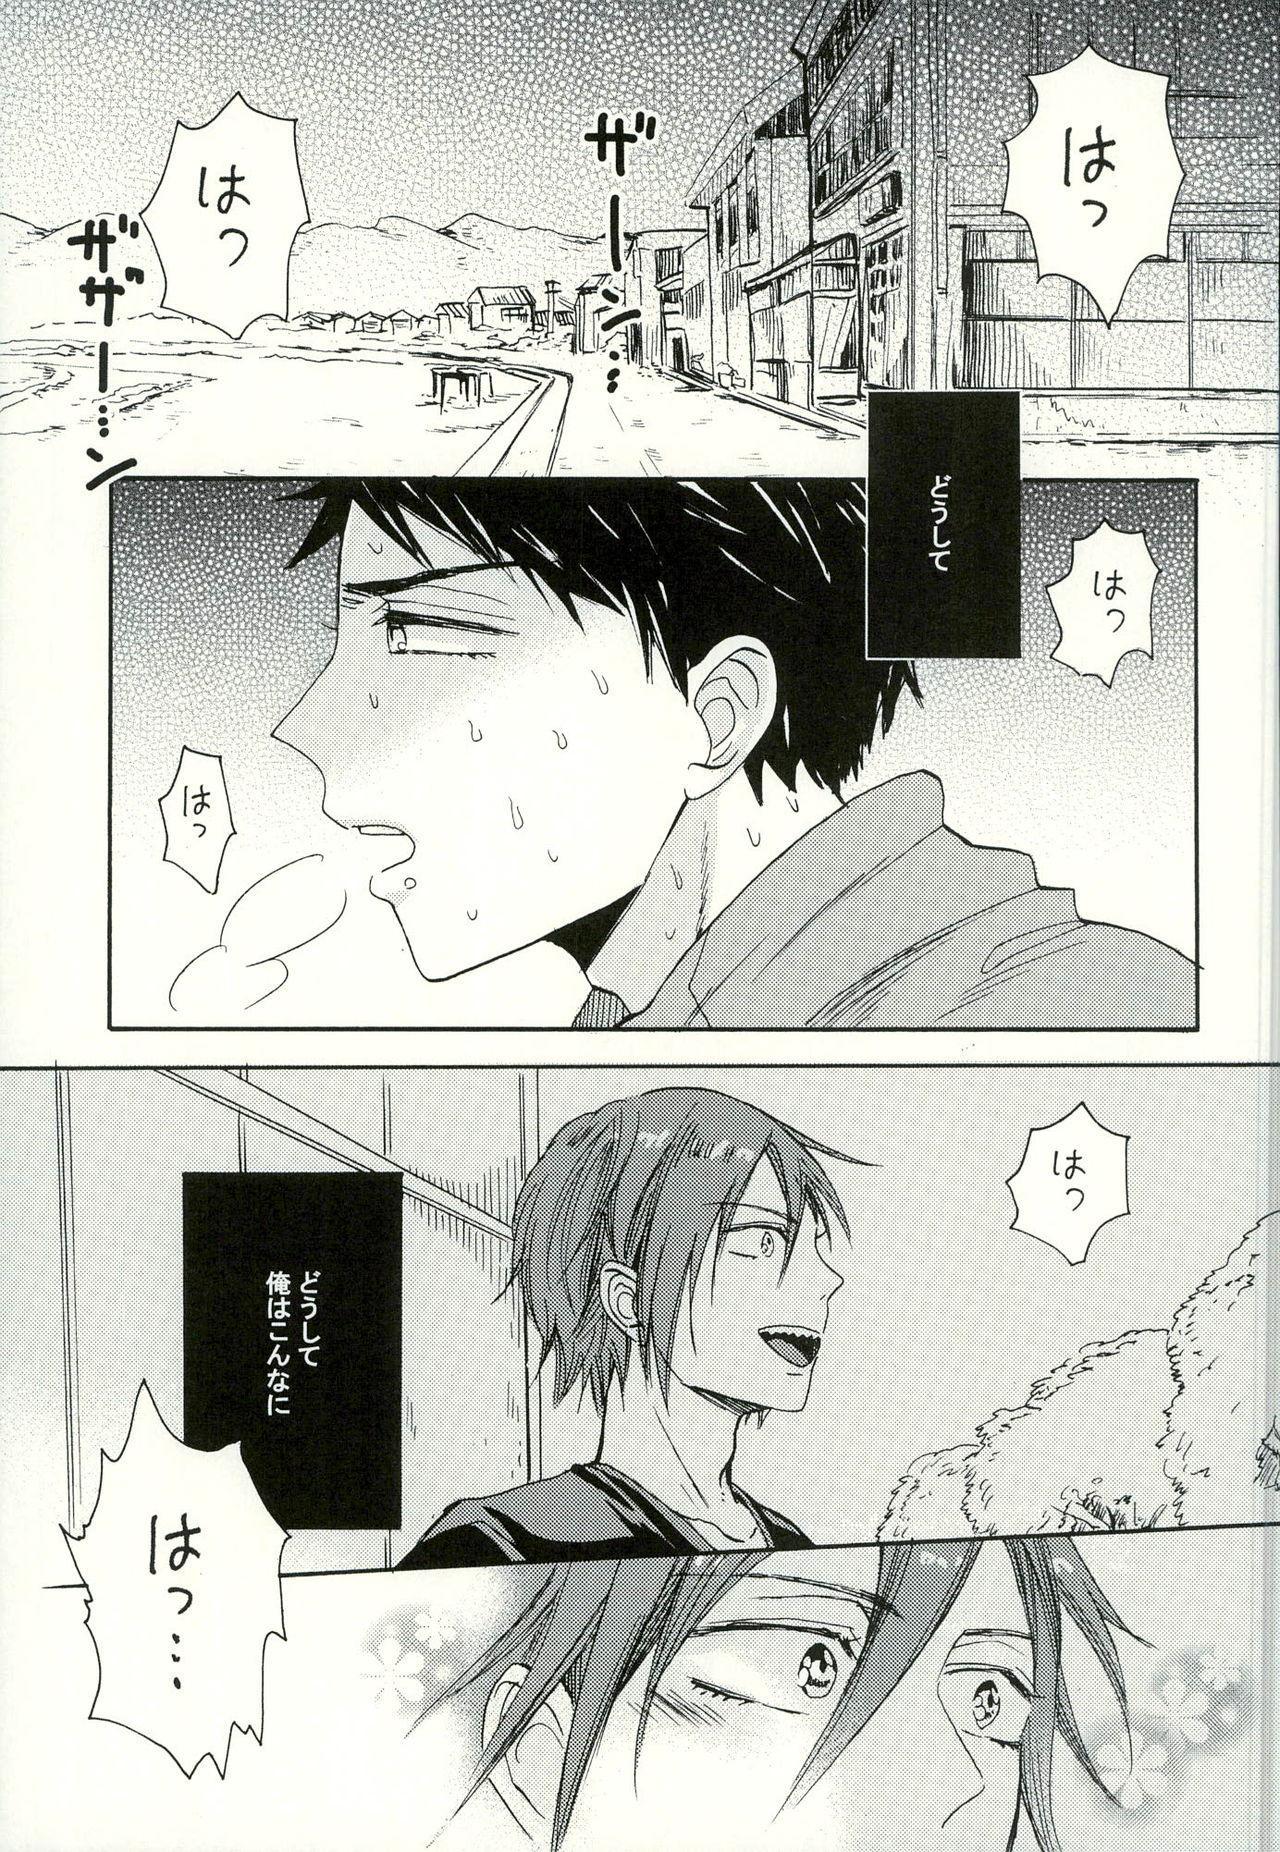 (SUPERKansai20) [hn (Pirori)] Sou-chan Jana-ika!? (Free!) 1